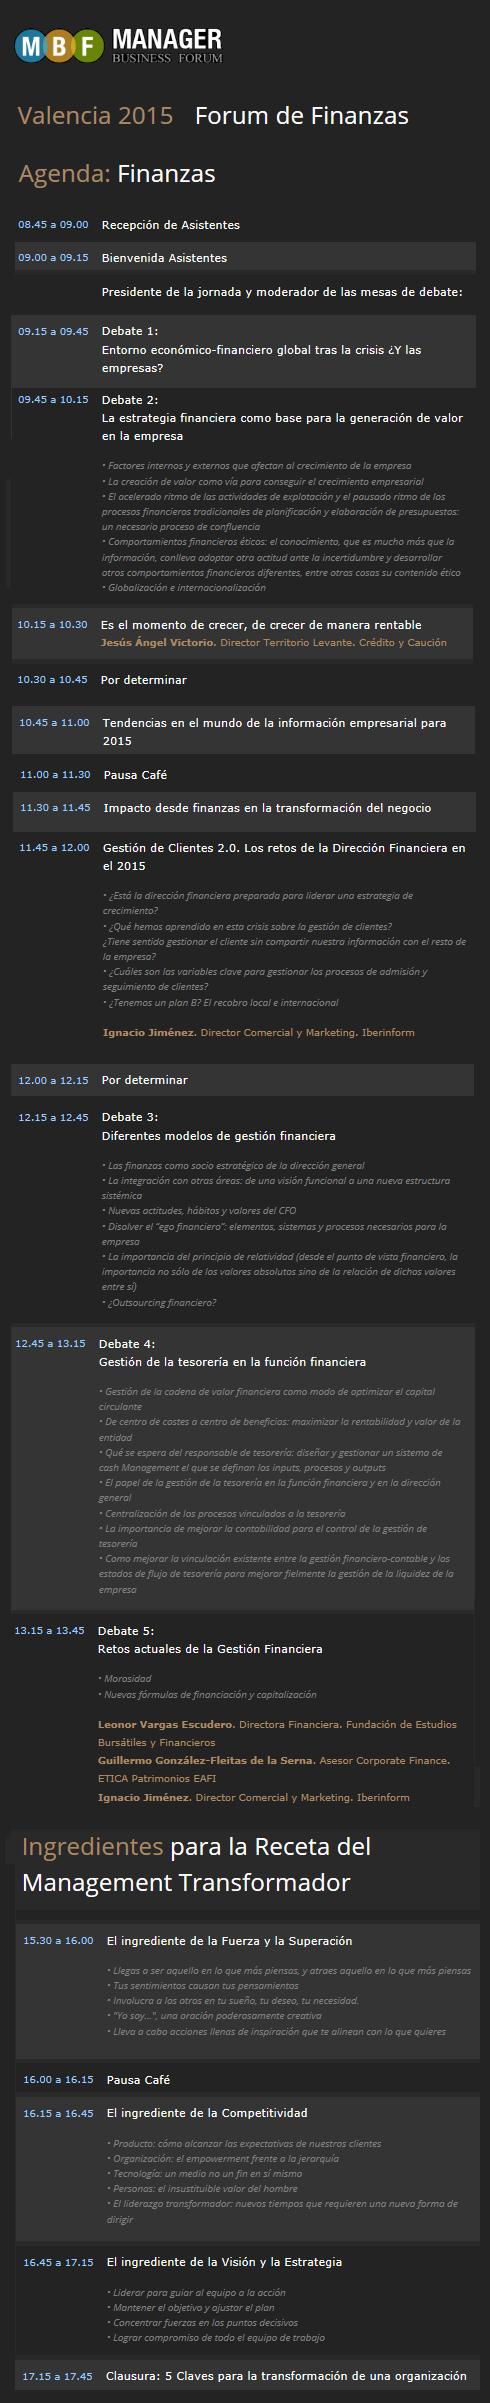 Jornada Manager Forum de Finanzas en Valencia